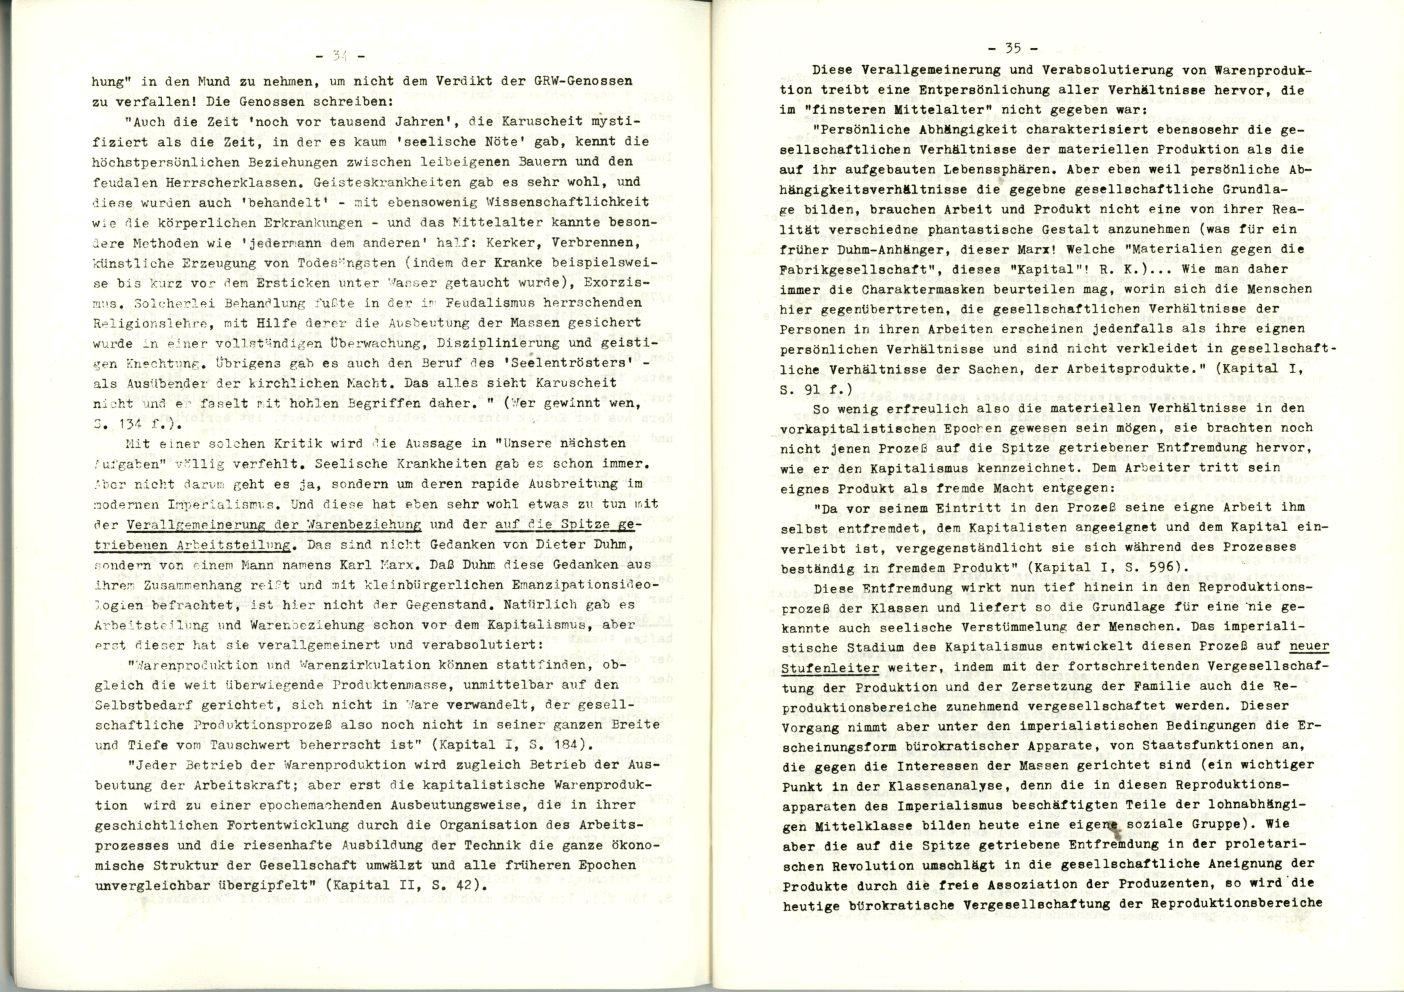 Nuernberg_Fuerth_Erlangen_ML_Diskussionsbeitraege_1979_02_18